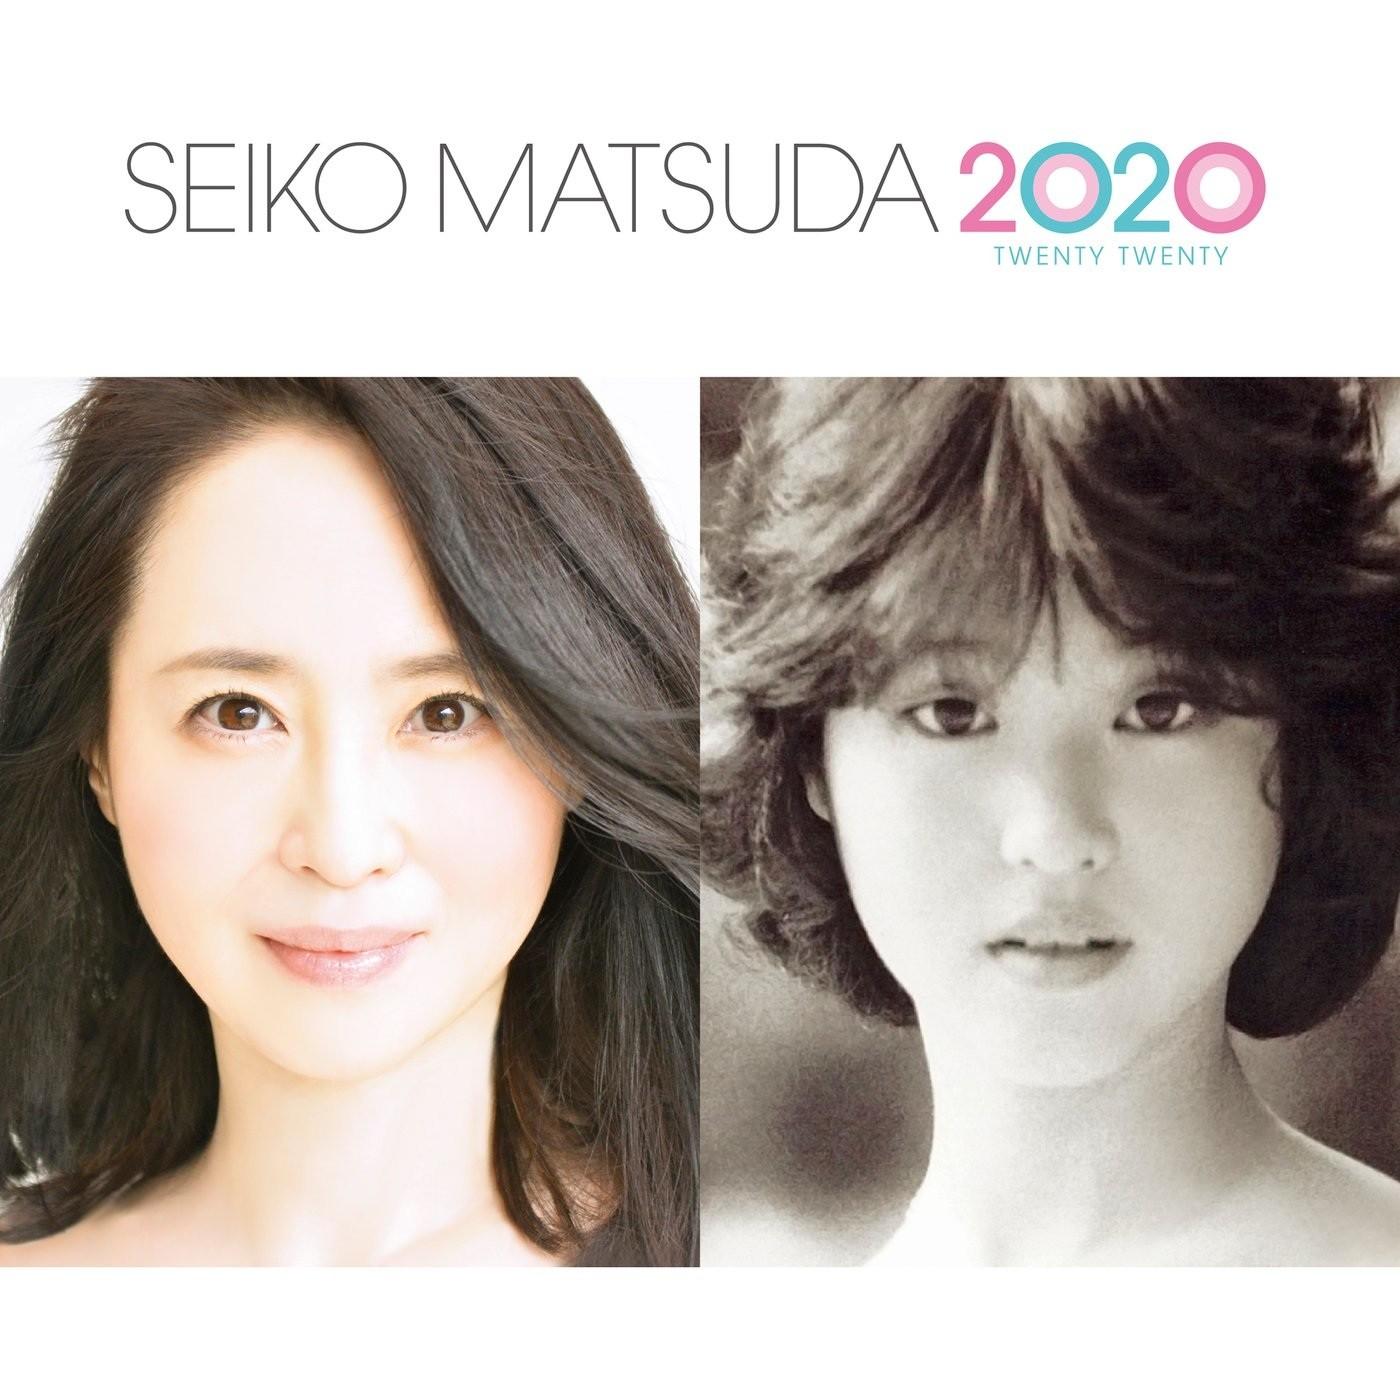 [Album] 松田聖子 (Seiko Matsuda) – SEIKO MATSUDA 2020 [FLAC / 24bit Lossless / WEB] [2020.09.30]